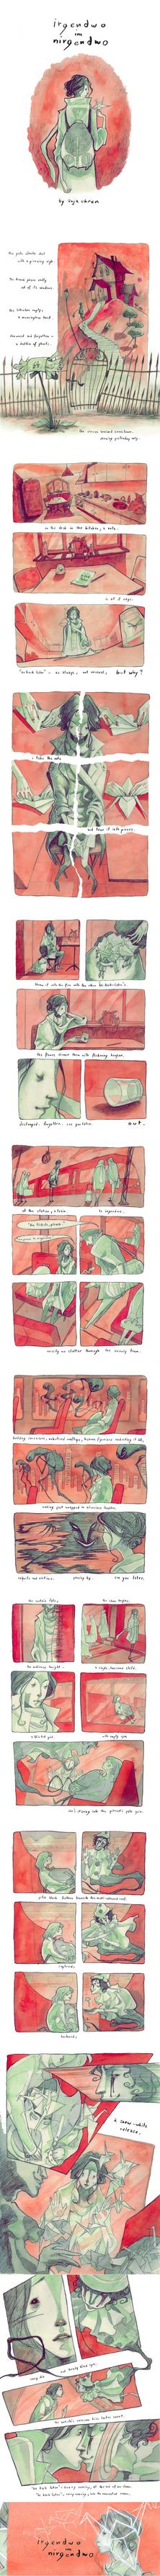 irgendwo im nirgendwo - Preview by Miss-Belfry